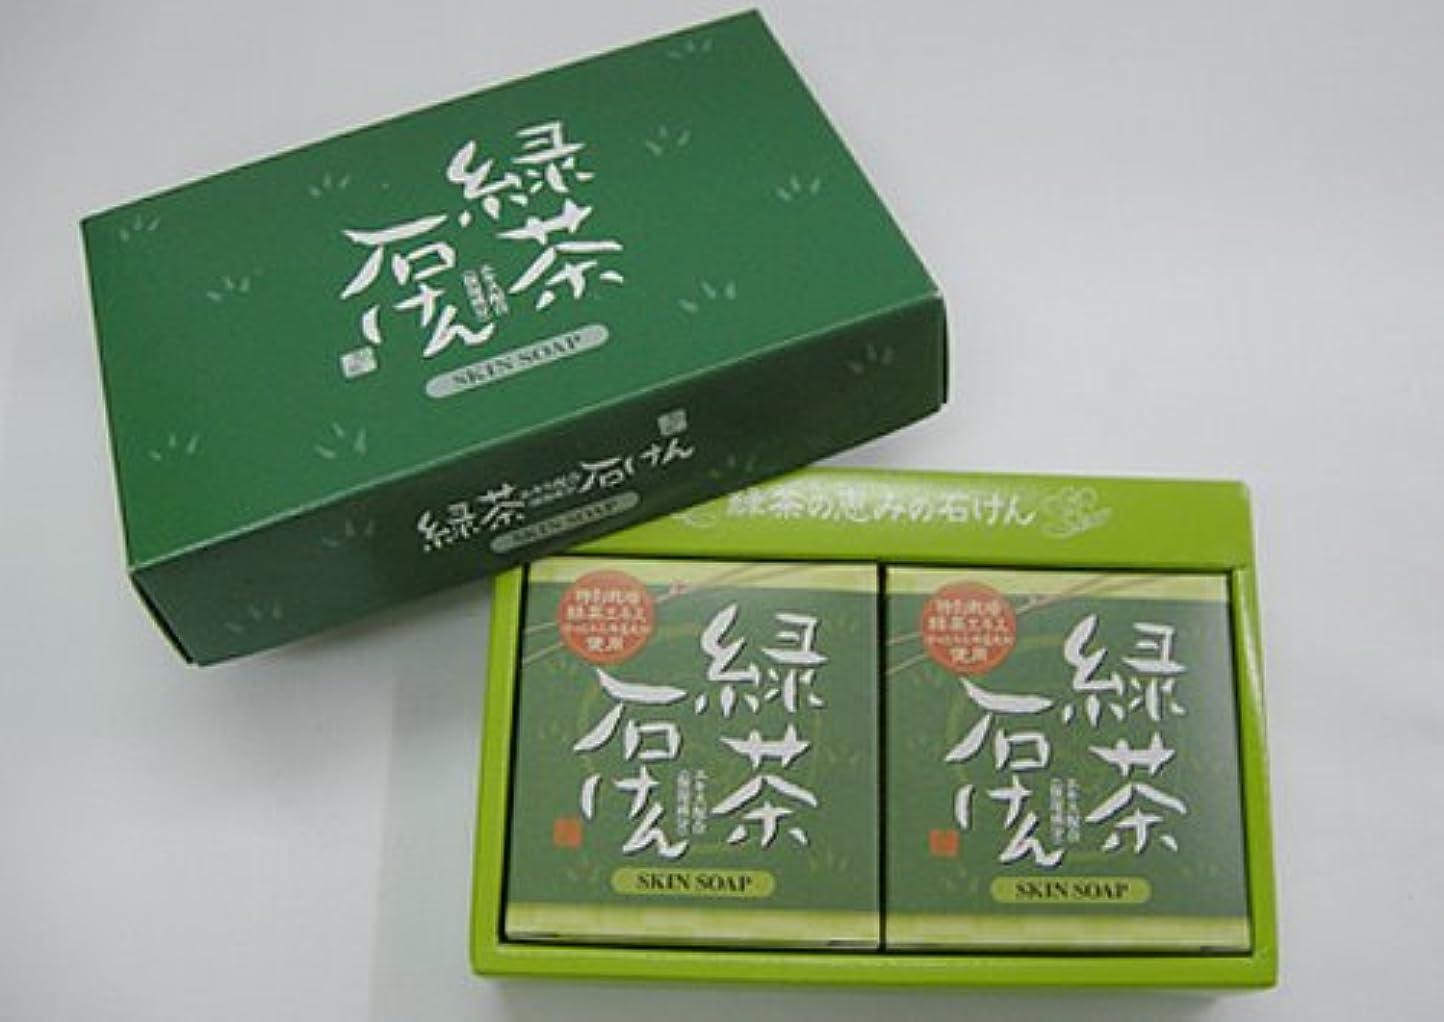 霊食物不信緑茶せっけん(緑茶エキス配合石けん)2ヶ入り